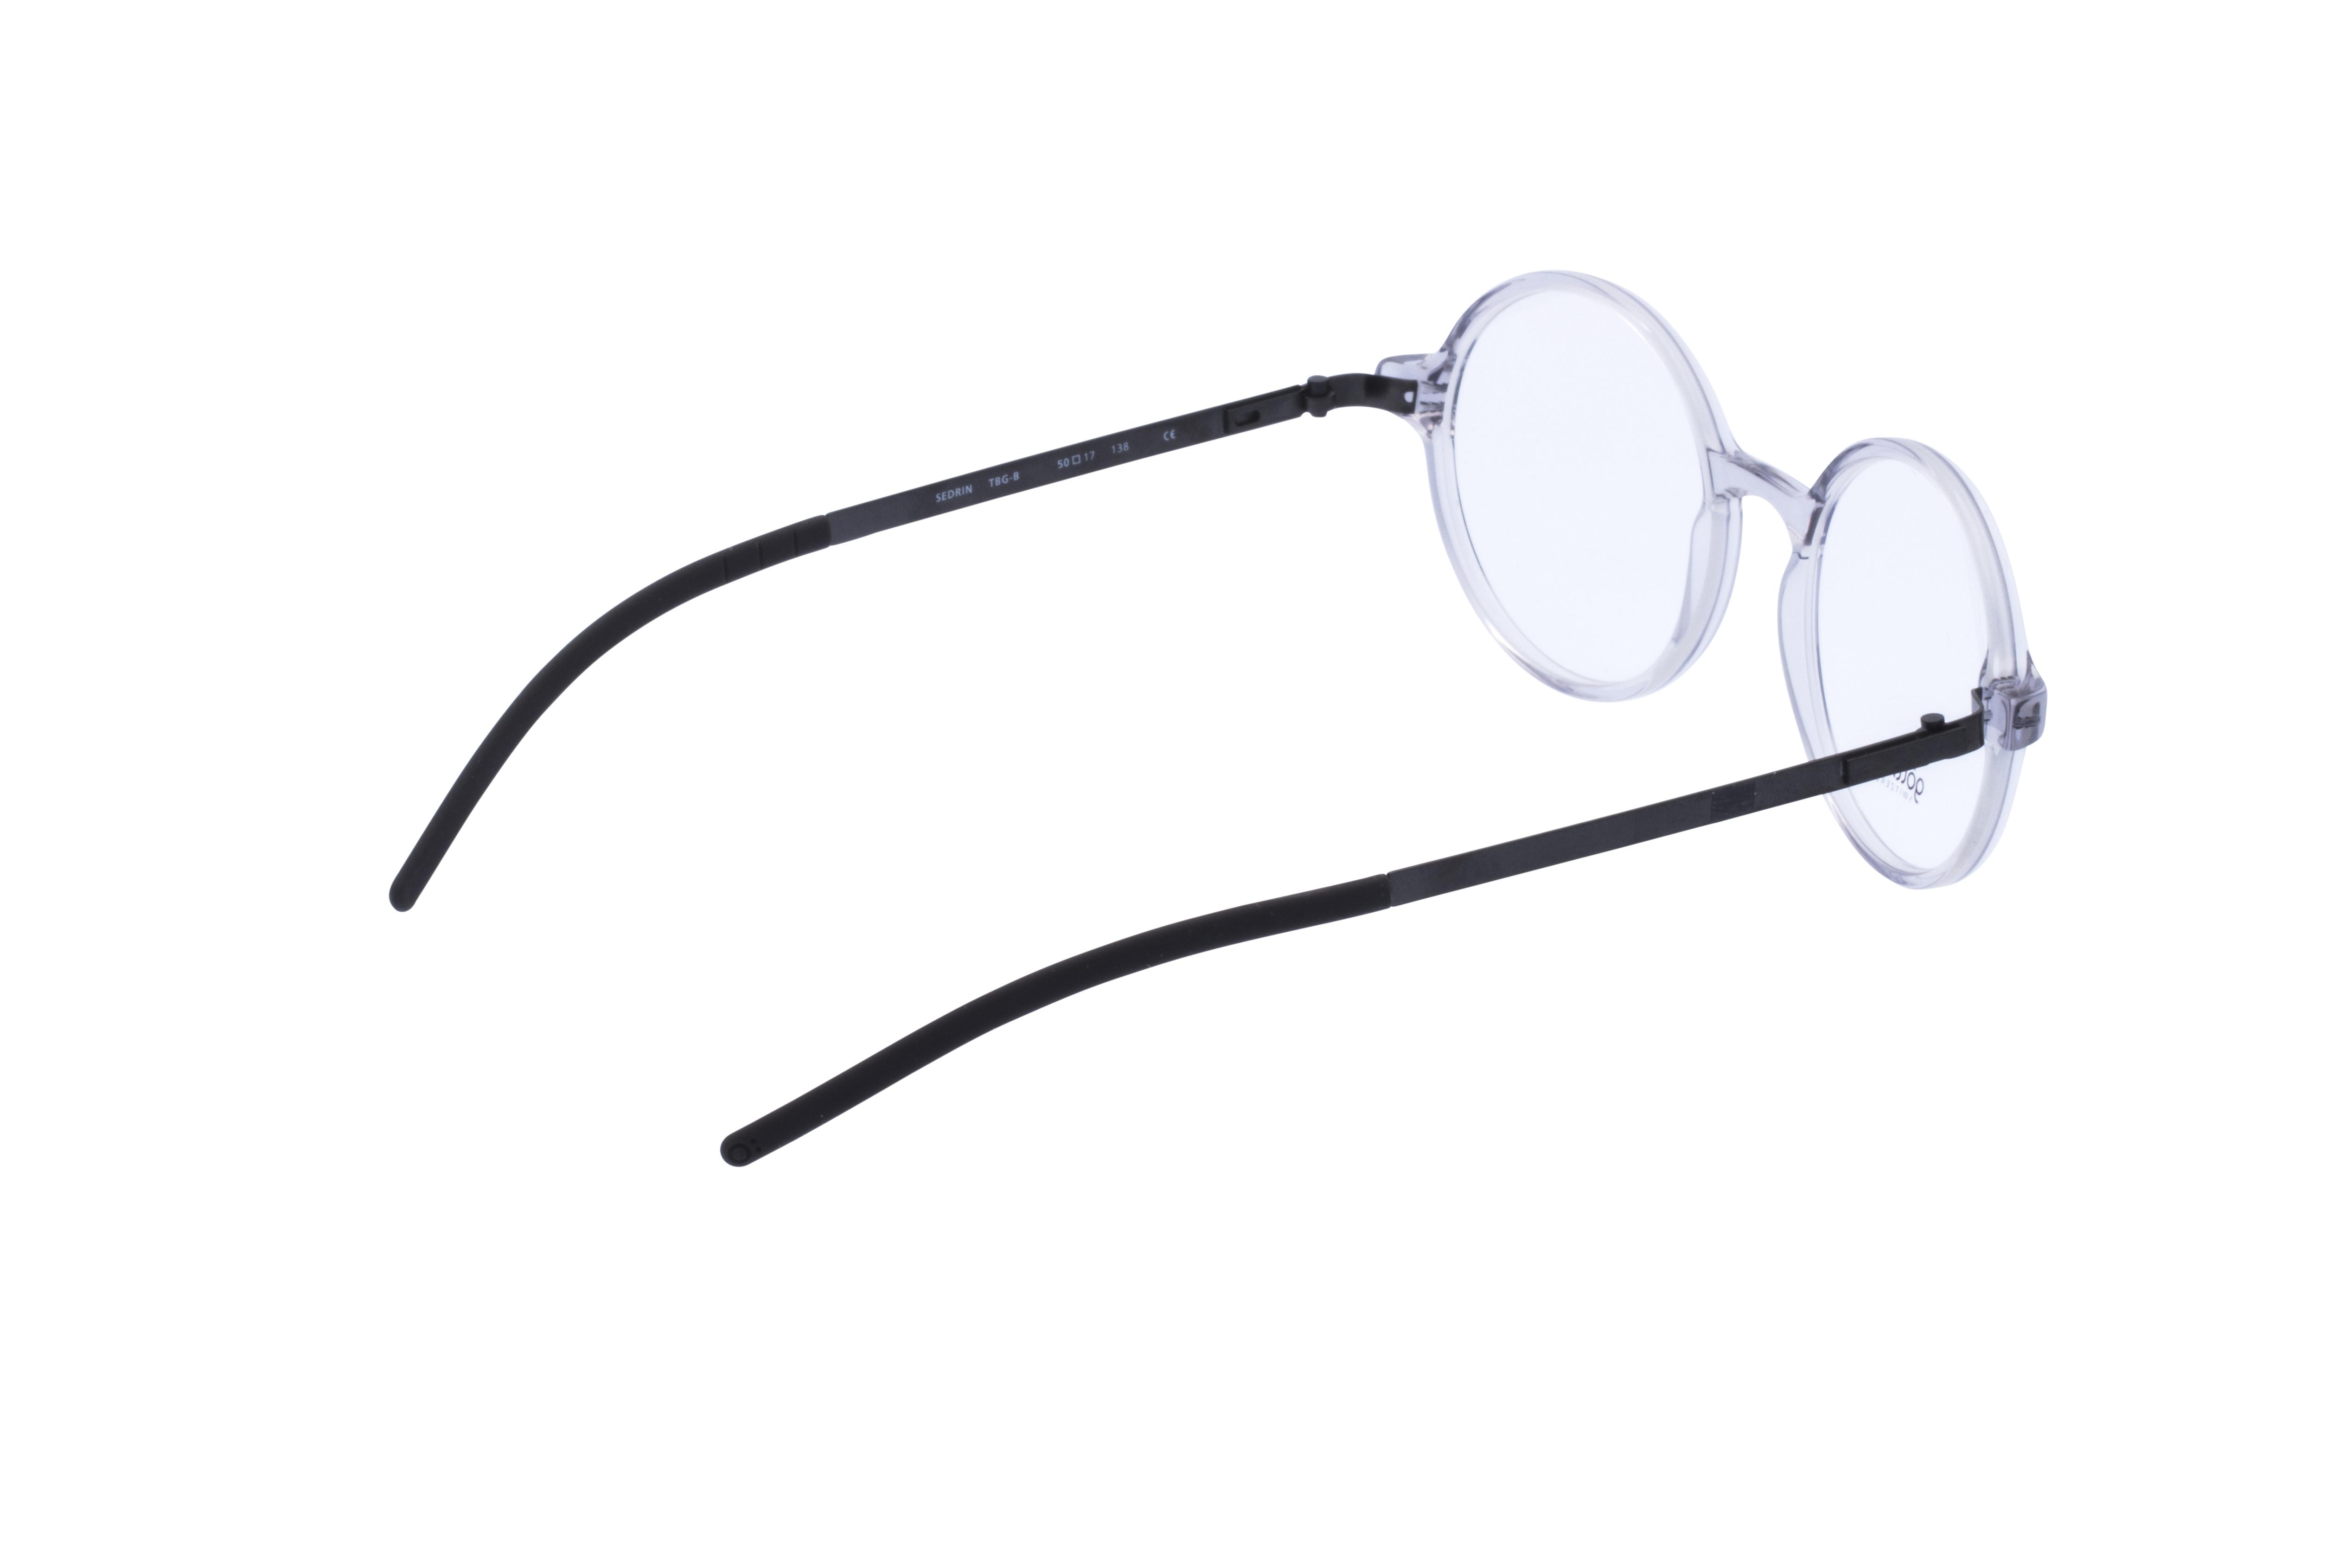 360 Grad Ansicht 8 Götti Sedrin, Brille auf Weiß - Fassung bei KUNK